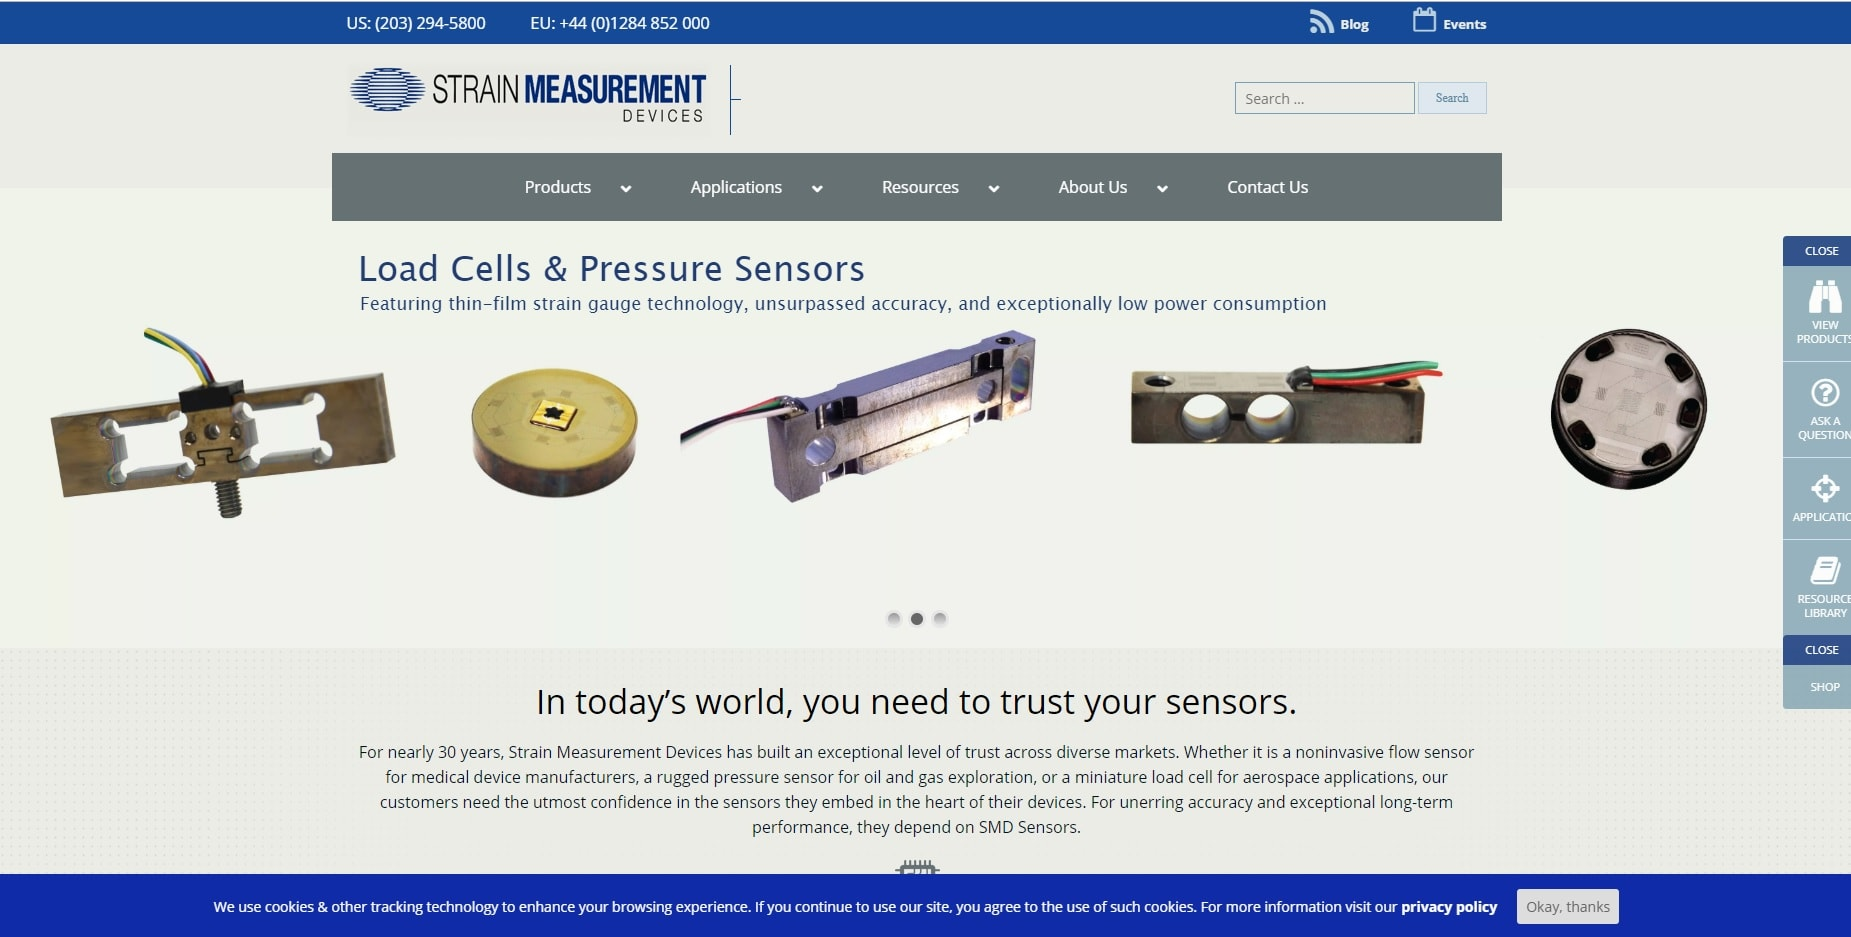 Strain Measurement Devices